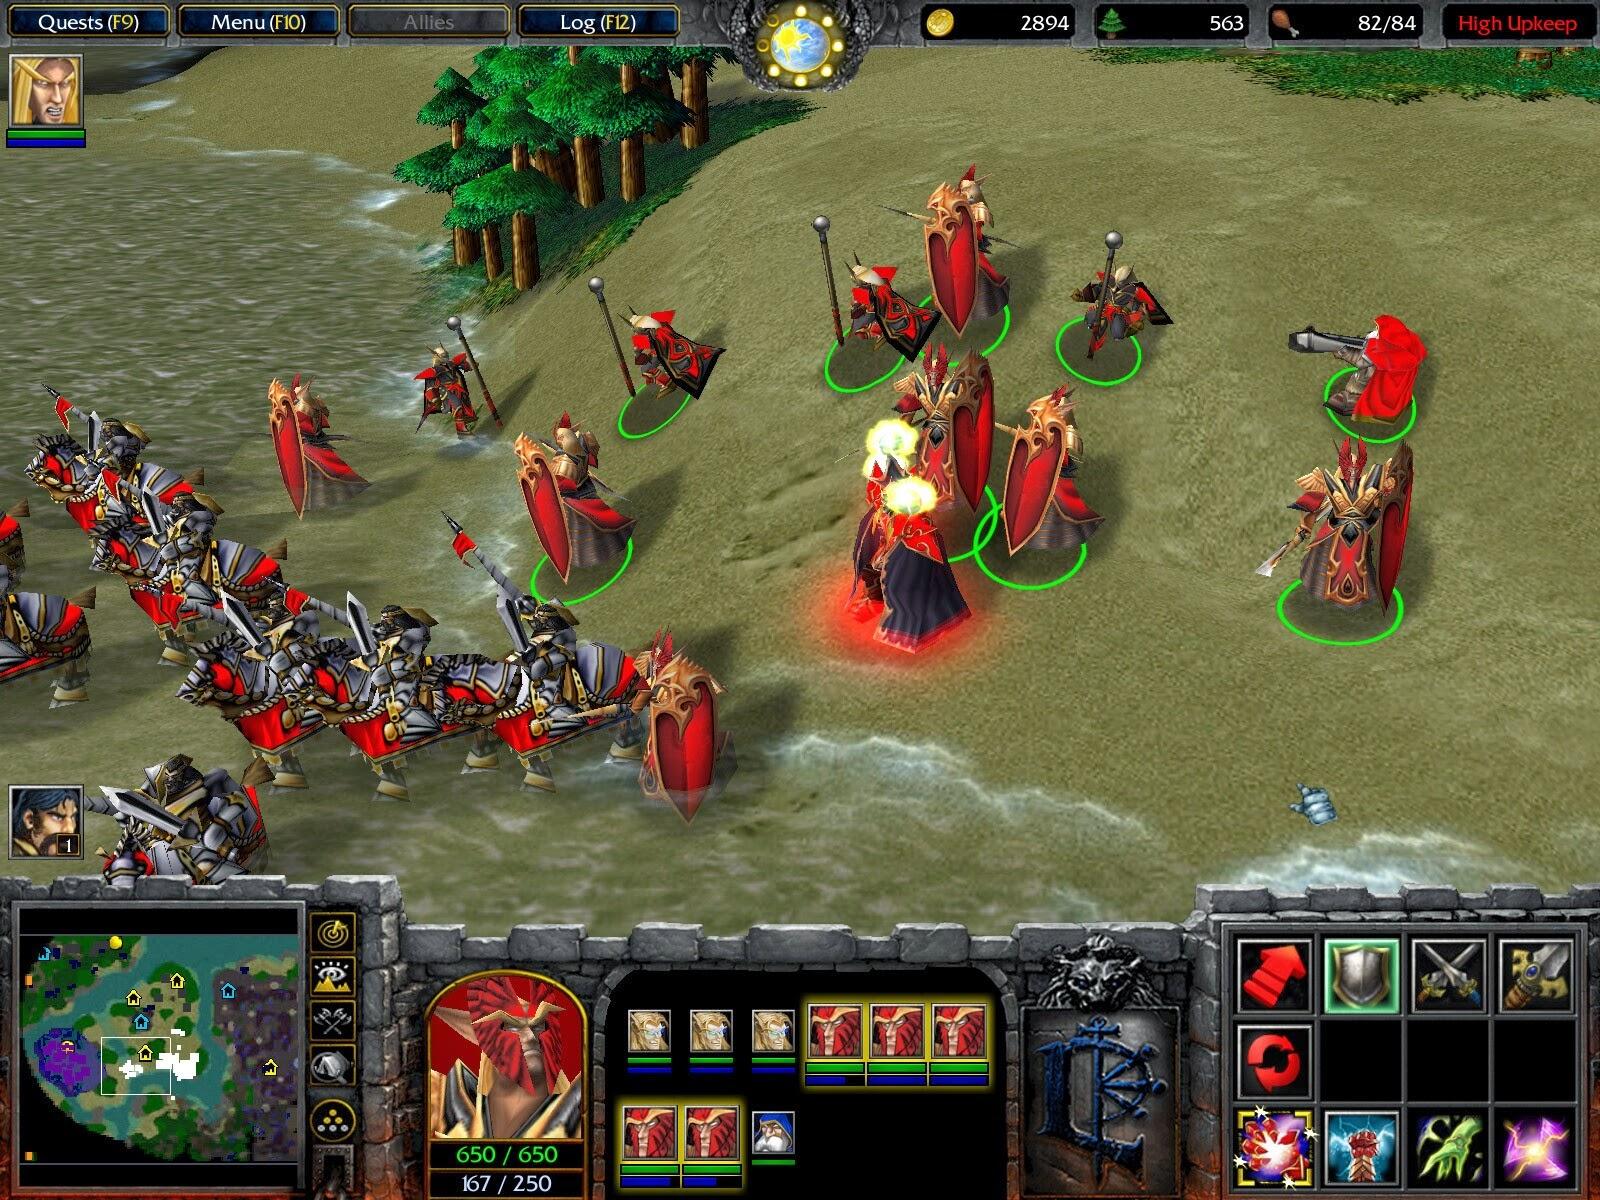 Warcraft 3 Frozen Throne Screenshot